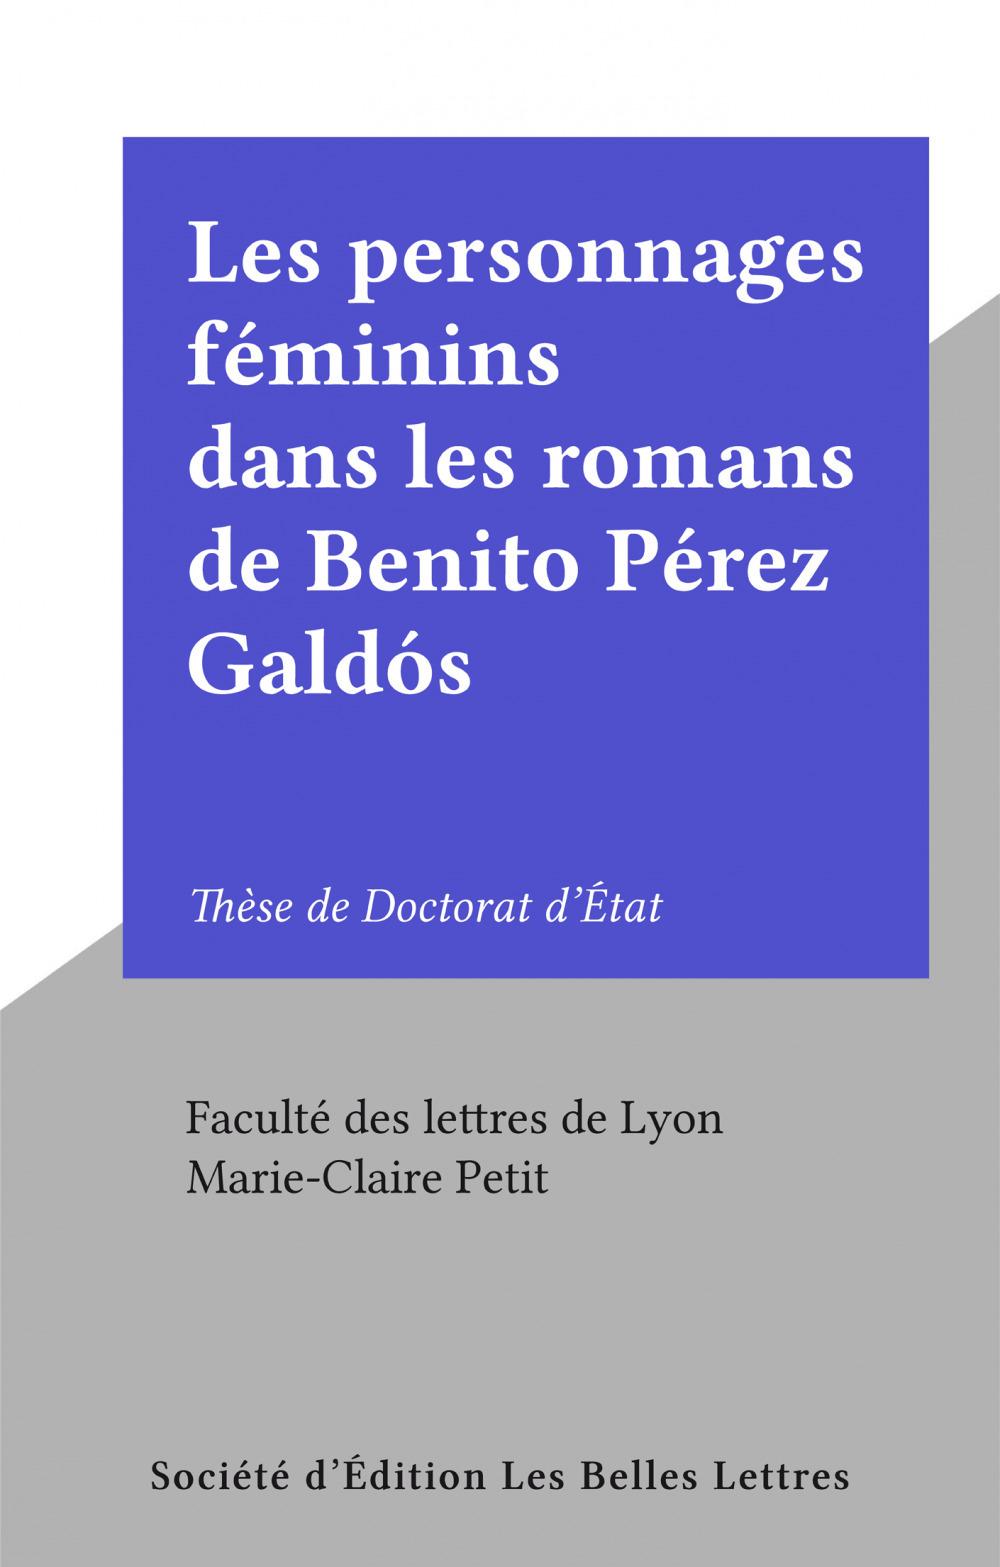 Les personnages féminins dans les romans de Benito Pérez Galdós